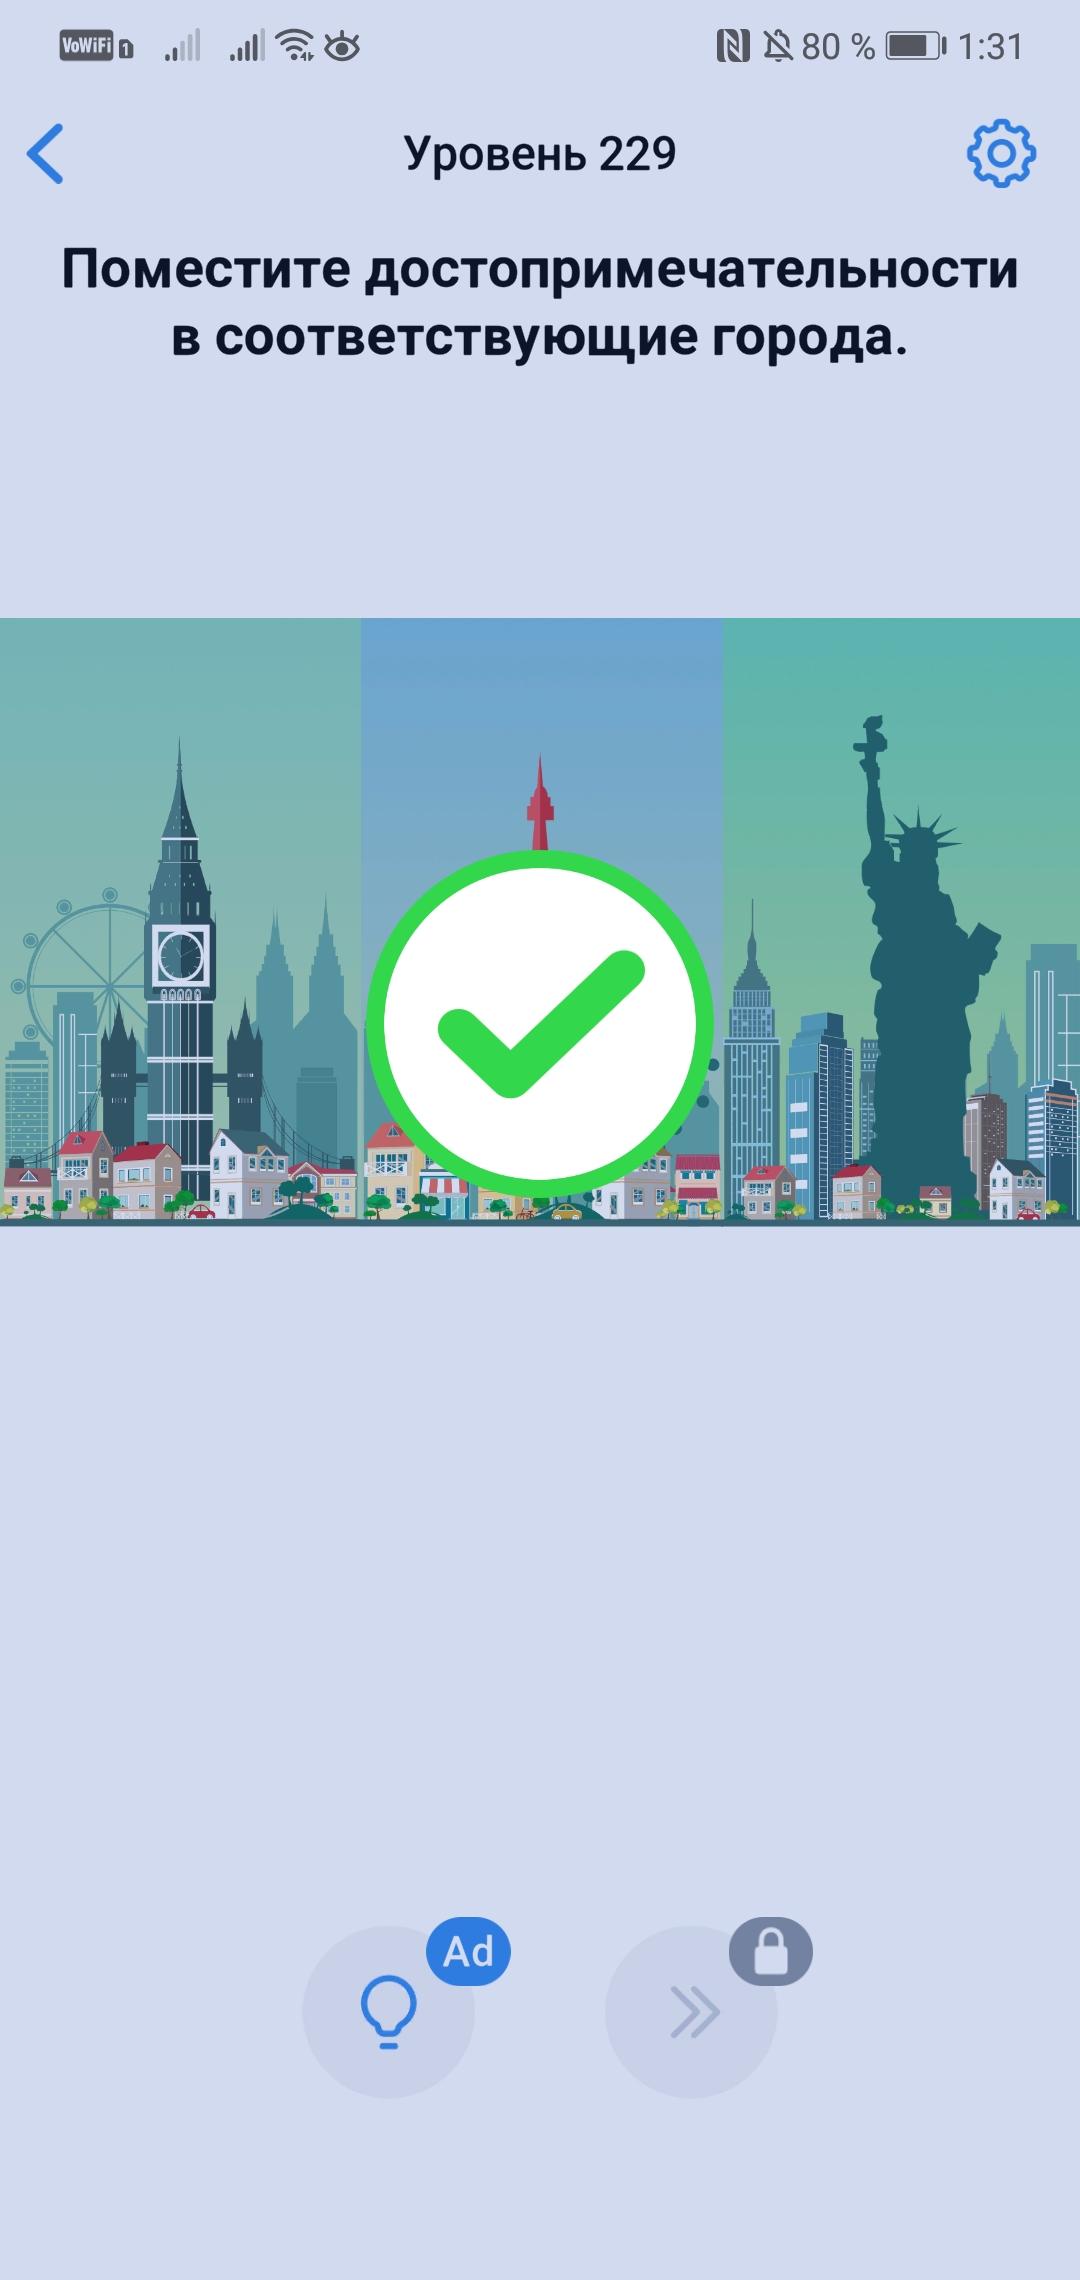 Easy Game - 229 уровень - Поместите достопримечательности в соответствующие города.